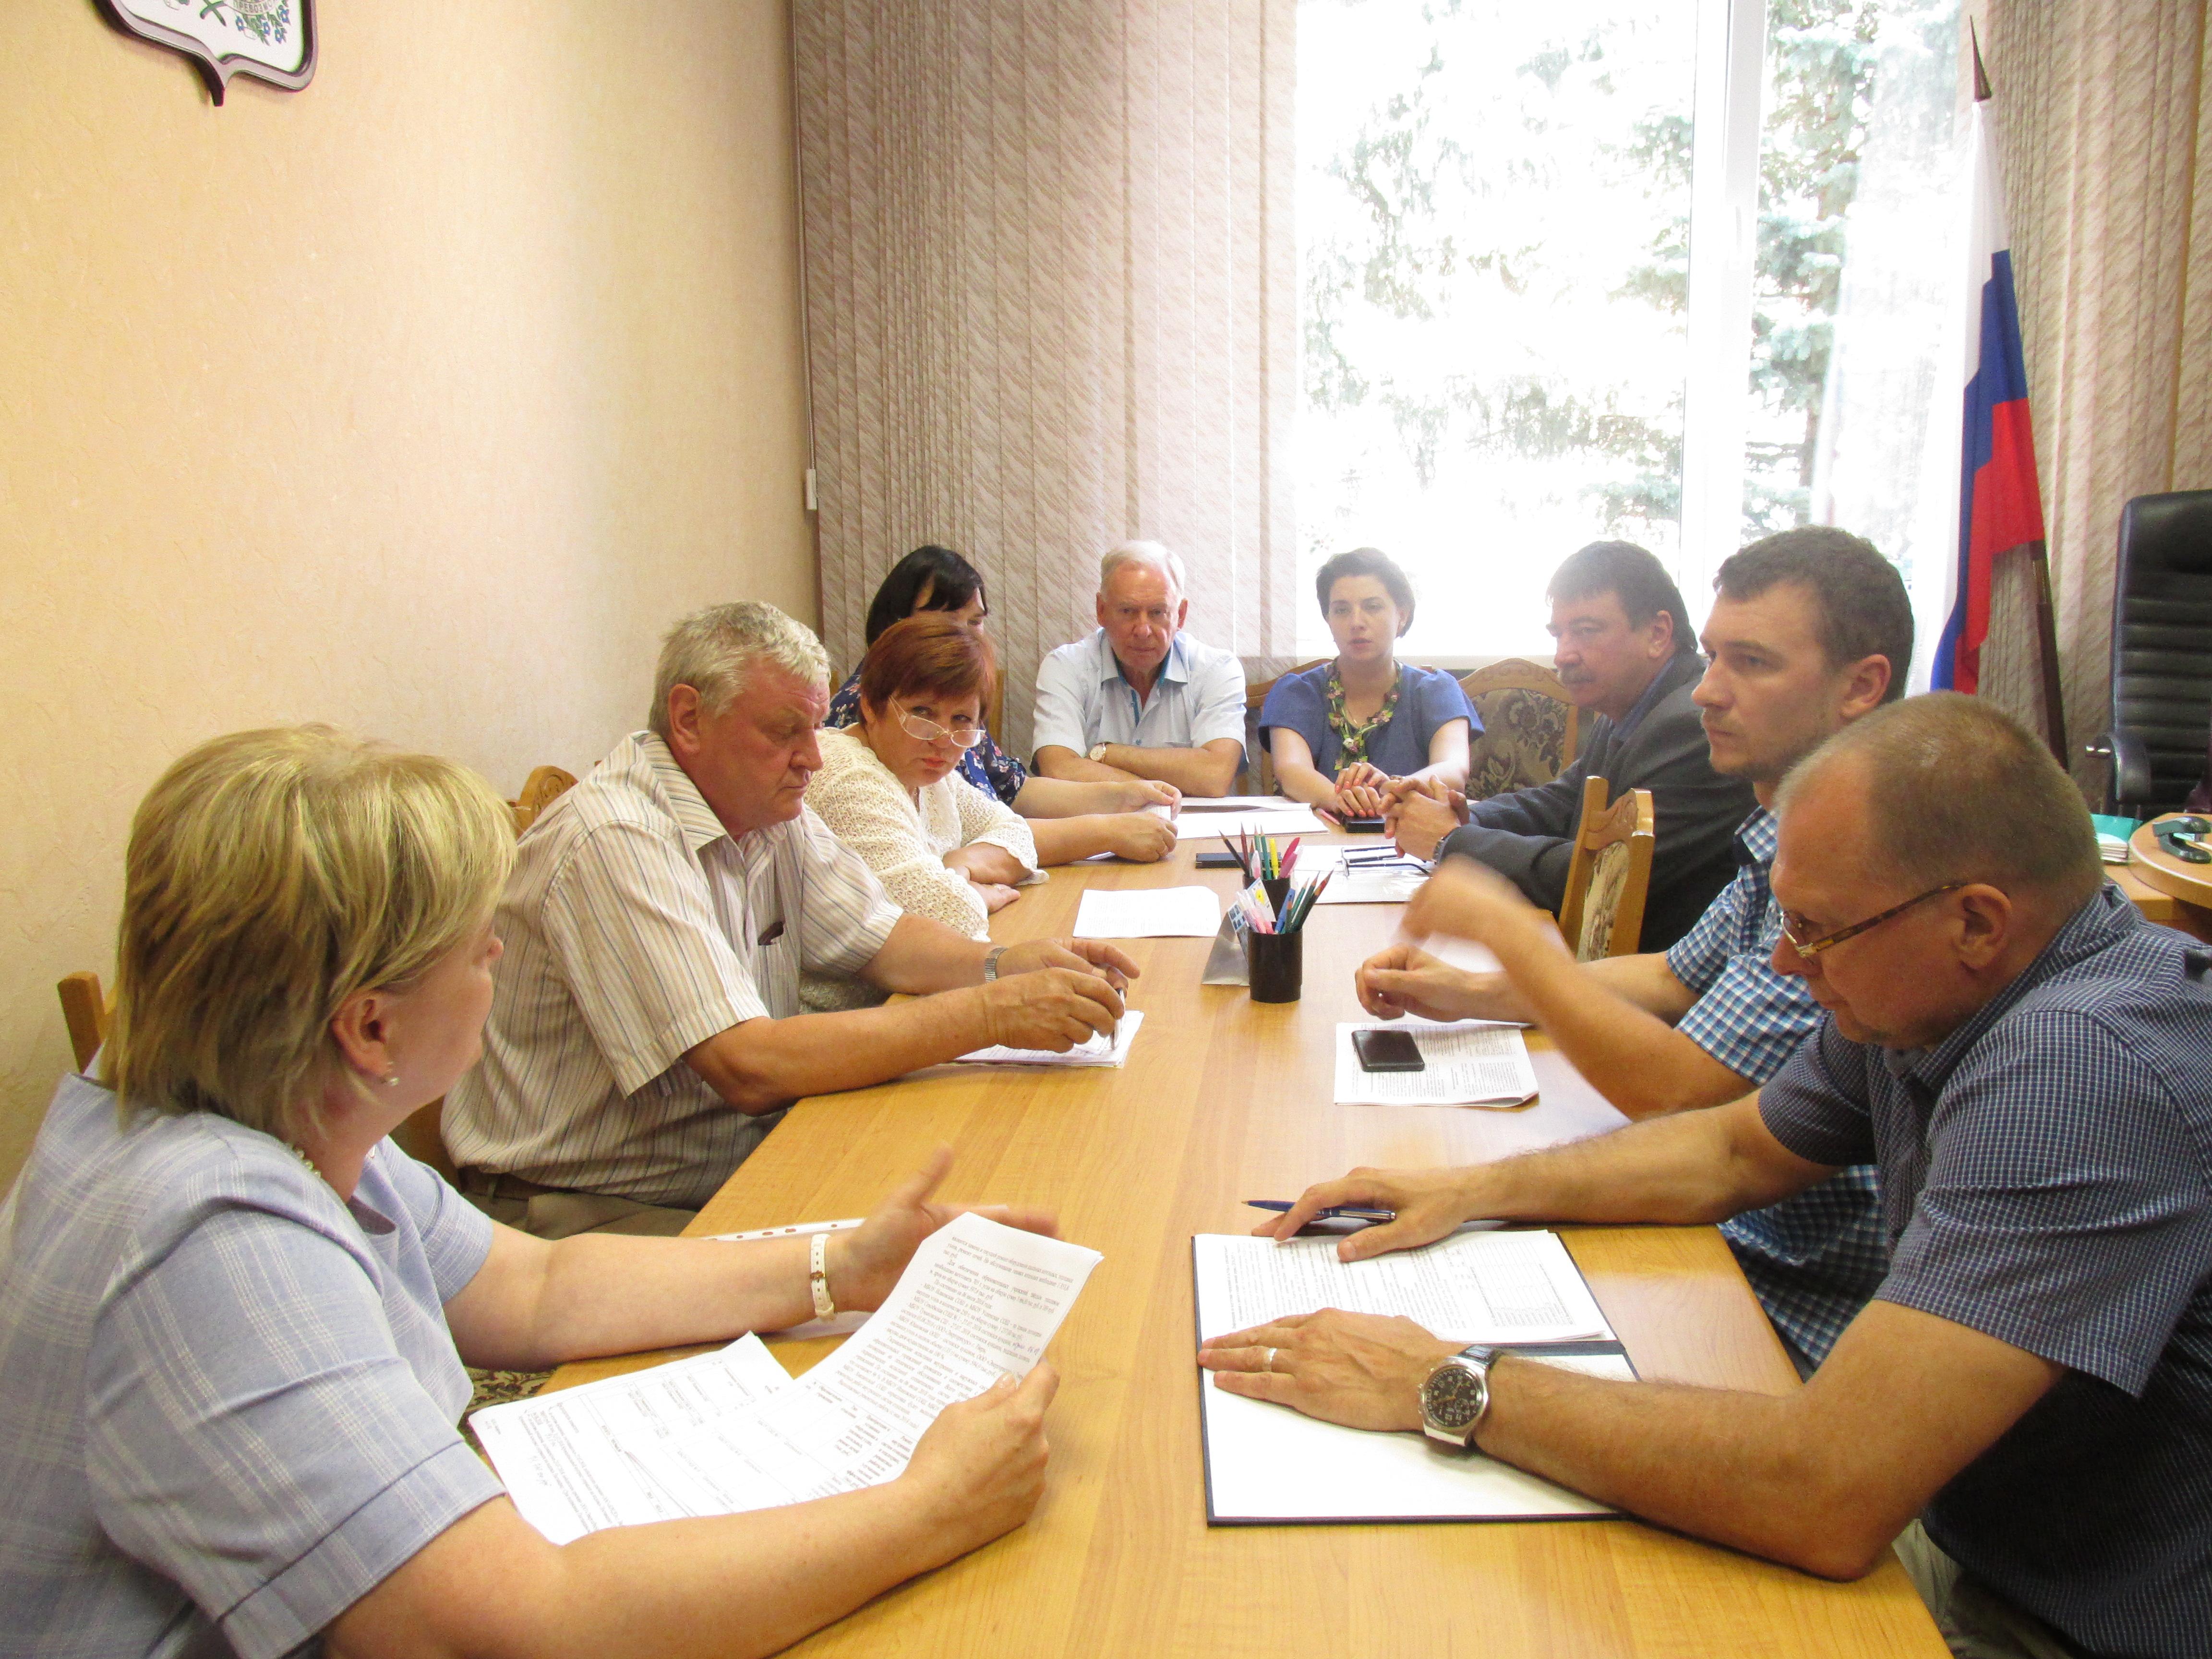 Заседание постоянной комиссии Вяземского районного Совета депутатов по строительству, ЖКХ и транспорту